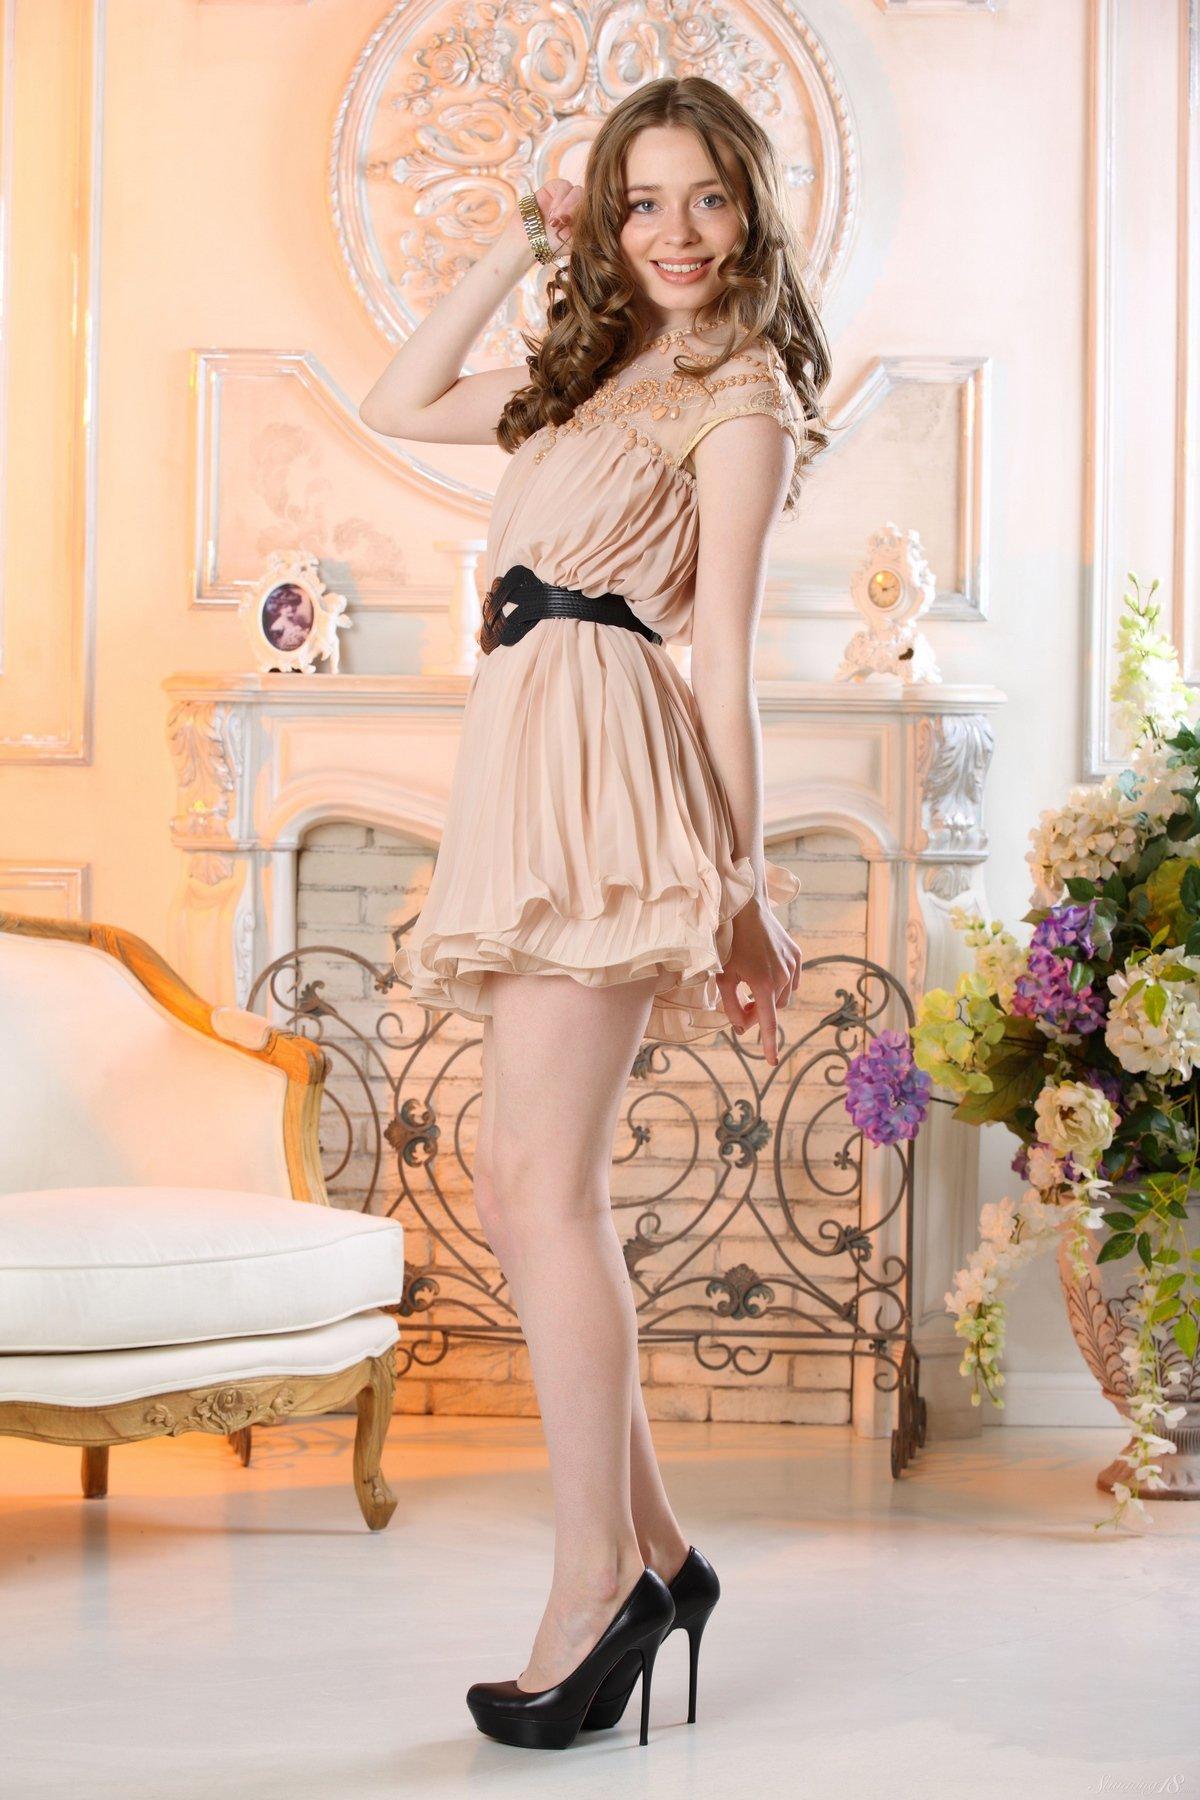 Сексапильная милашка в коротком платье